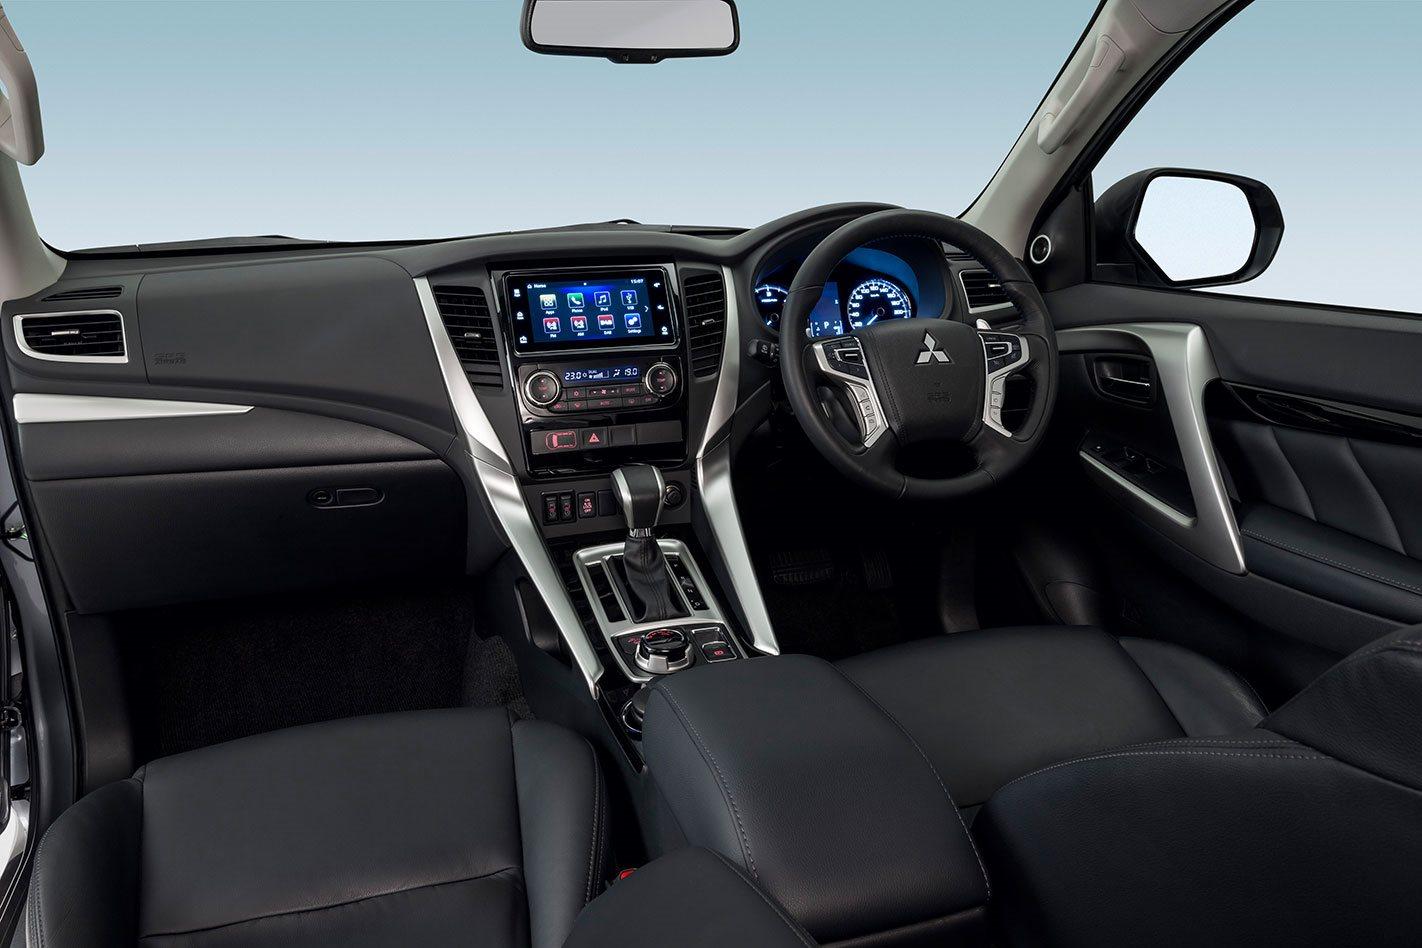 Comparison - Mitsubishi Pajero GLS 2017 - vs - Mitsubishi